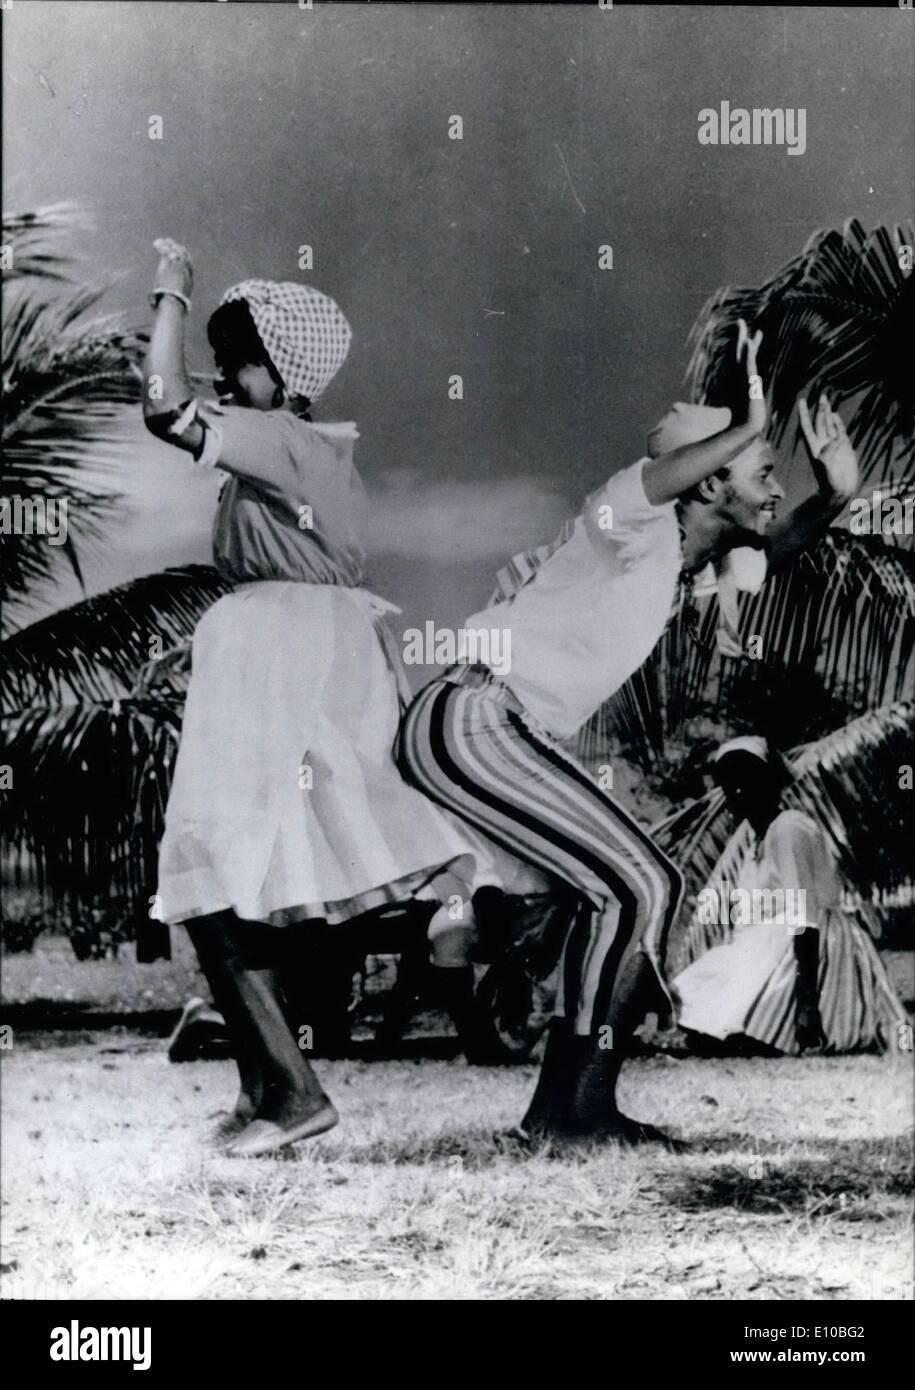 Mar 03, 1972 - Internationale Folklore-Festival per i Giochi olimpici 1972: danze, i costumi e le tradizioni sono anche parte della Olympic. Durante le Olimpiadi estive di Monaco di Baviera e Folklore-Festival internazionale si terrà come parte del programma culturale. Complessivamente 15 gruppi provenienti da tutti i paesi (da Francia, Portogallo, Italia, Kenya, Marocco, Romania, Messico, Corea del Sud, il Cile, Giappone, Polonia e dal Antills-Islands Marinieuq che appartiene alla Francia (- la nostra foto -) verranno visualizzati in questo incontro Immagini Stock